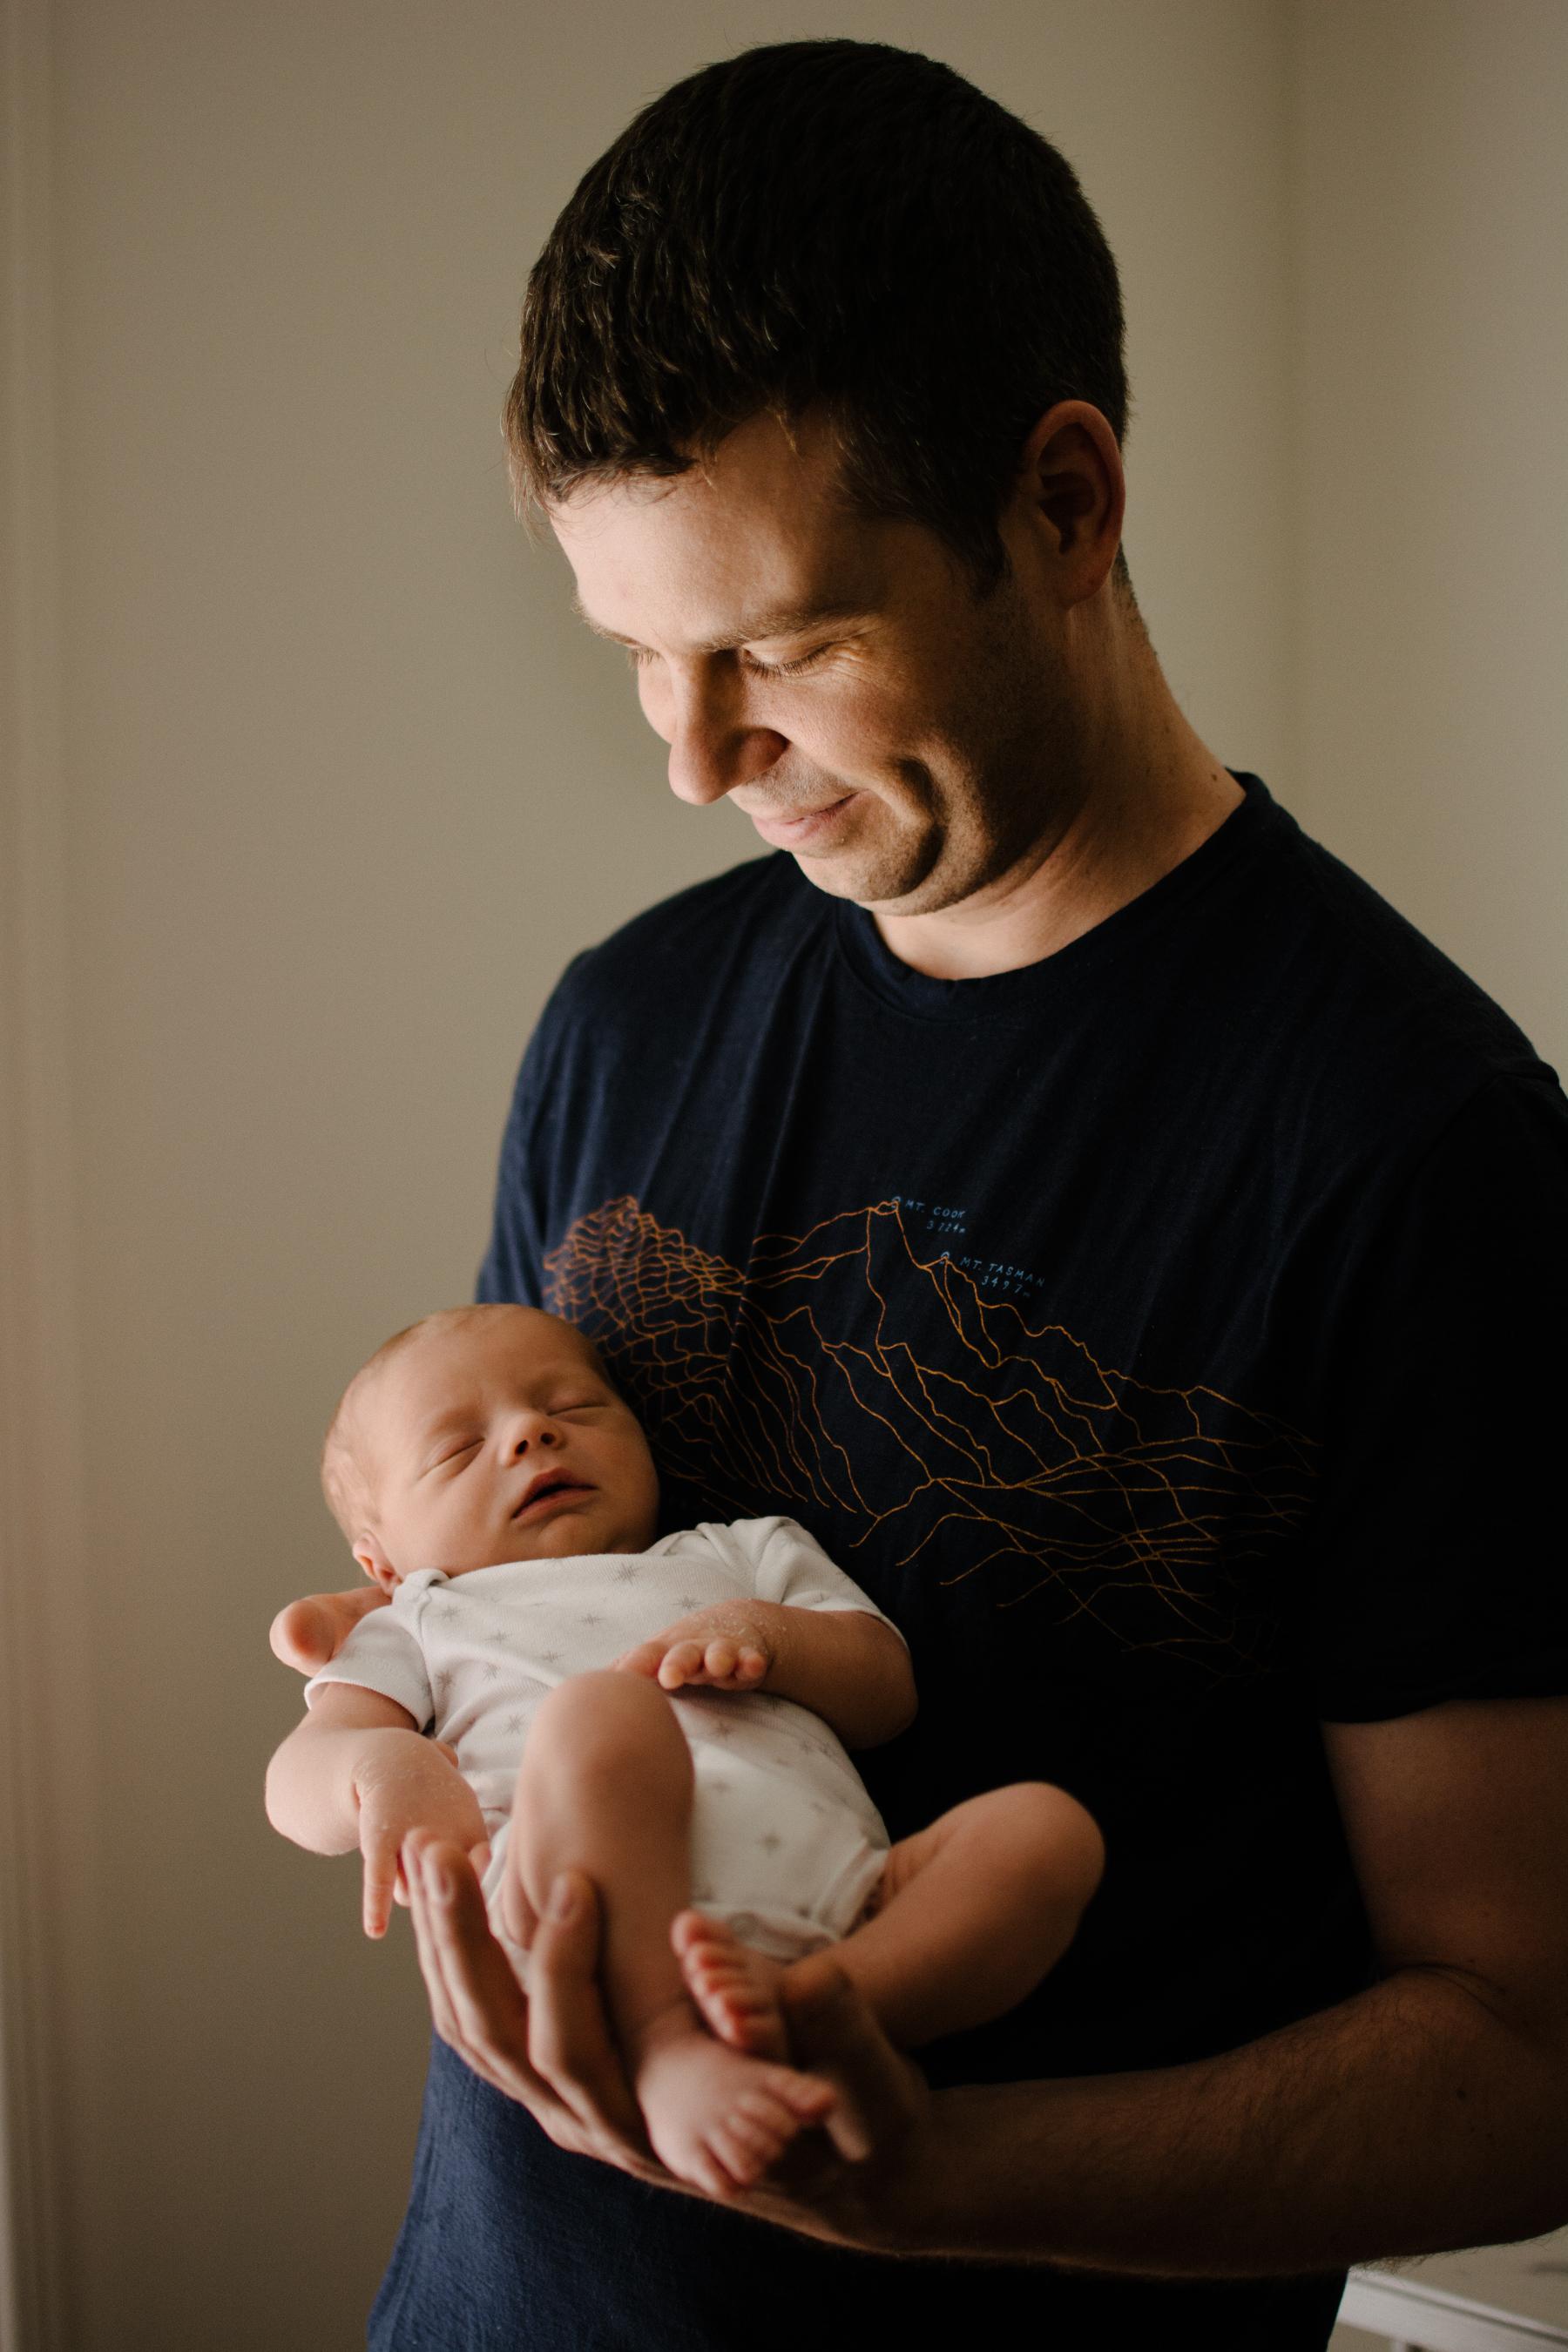 025-photo-d-un-papa-qui-tient-et-regarde-son-bebe-endormi-photographe-lifestyle-famille-et-nouveau-ne-a-montreal-marianne-charland-081.jpg